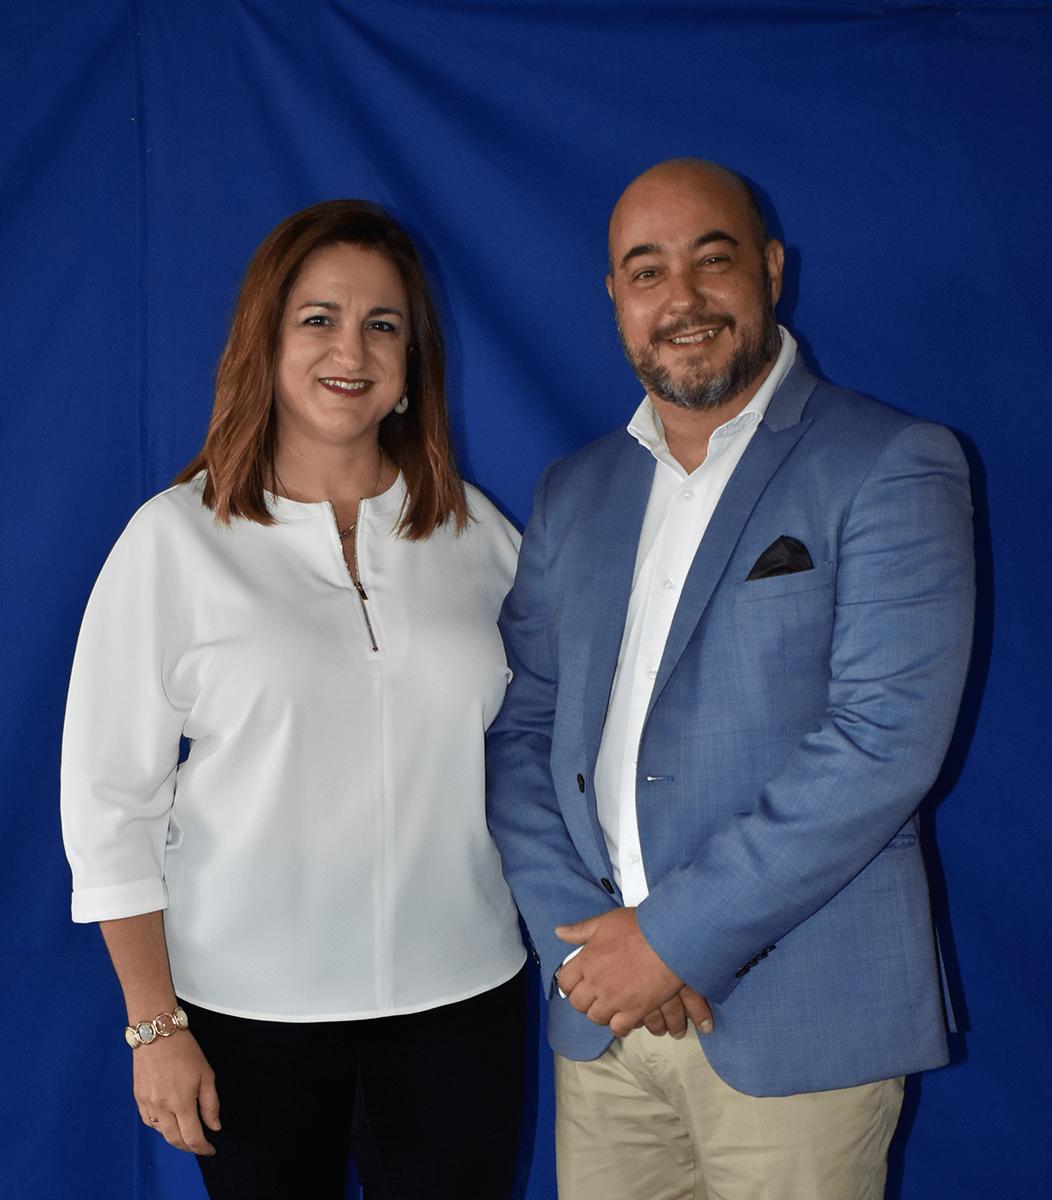 David Castillo y Susana García   Centro de Vida Cristiana